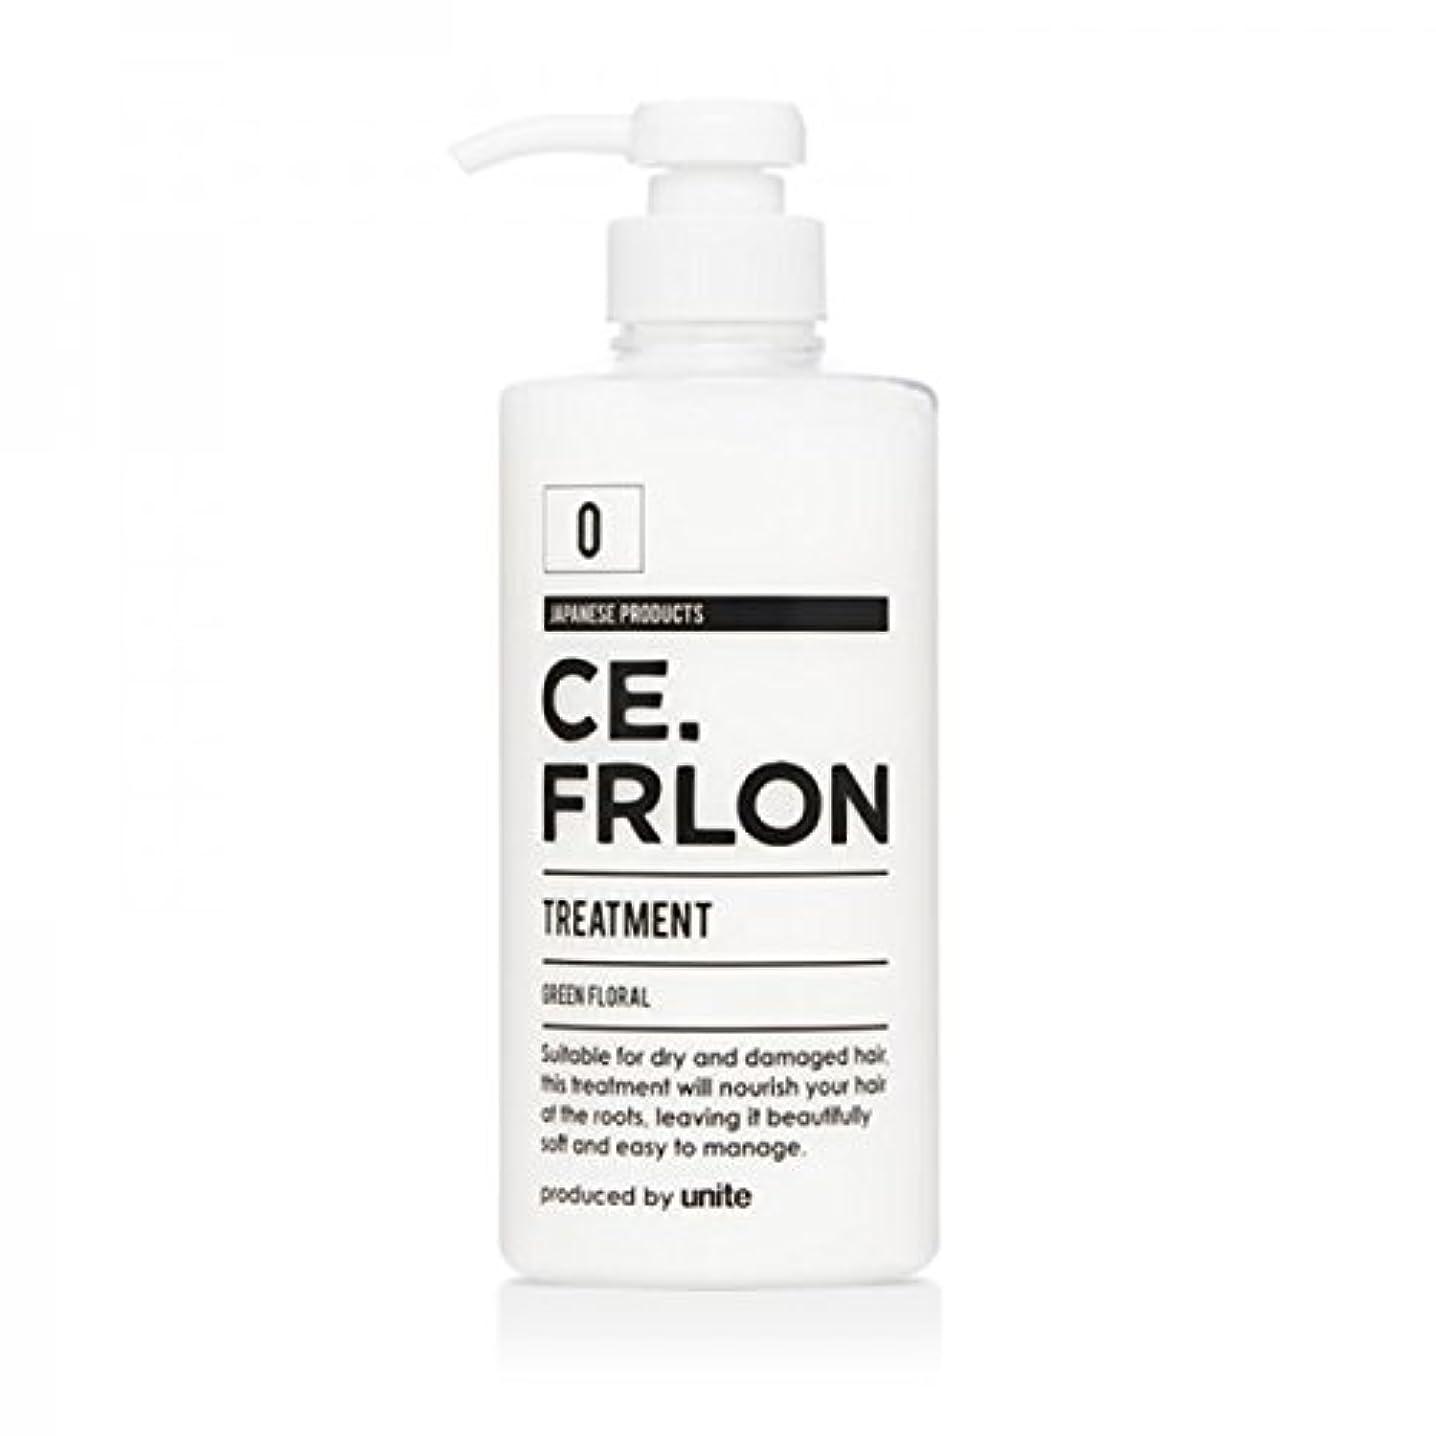 結晶奨学金解き明かすトリートメント 500g CE.FRLON (美容師が開発したヘアケア商品)